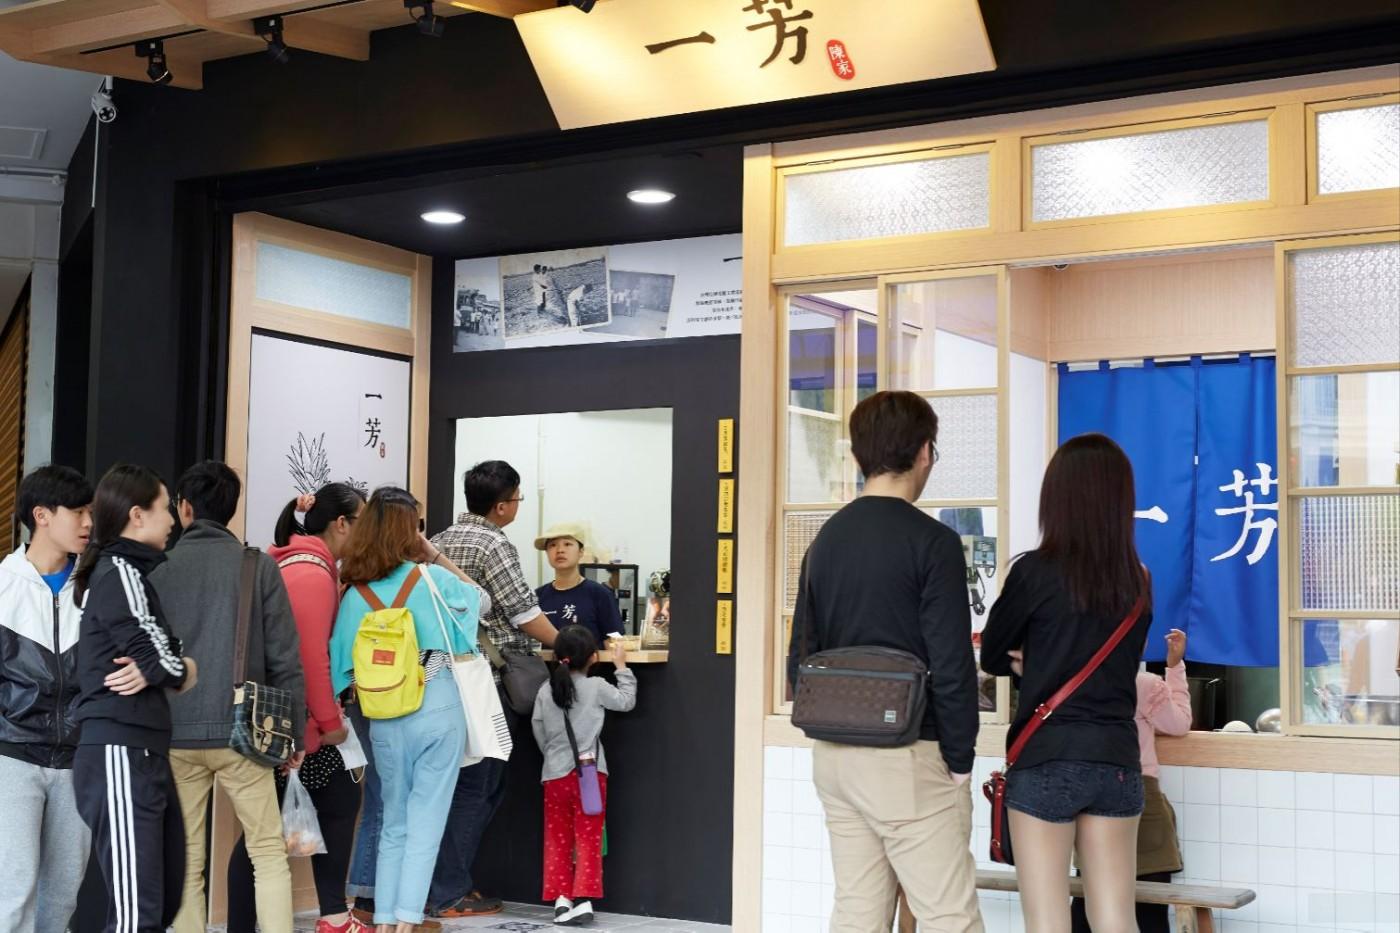 爆紅手搖飲料店是他開的!一芳水果茶橫掃台灣、插旗海外的成功哲學